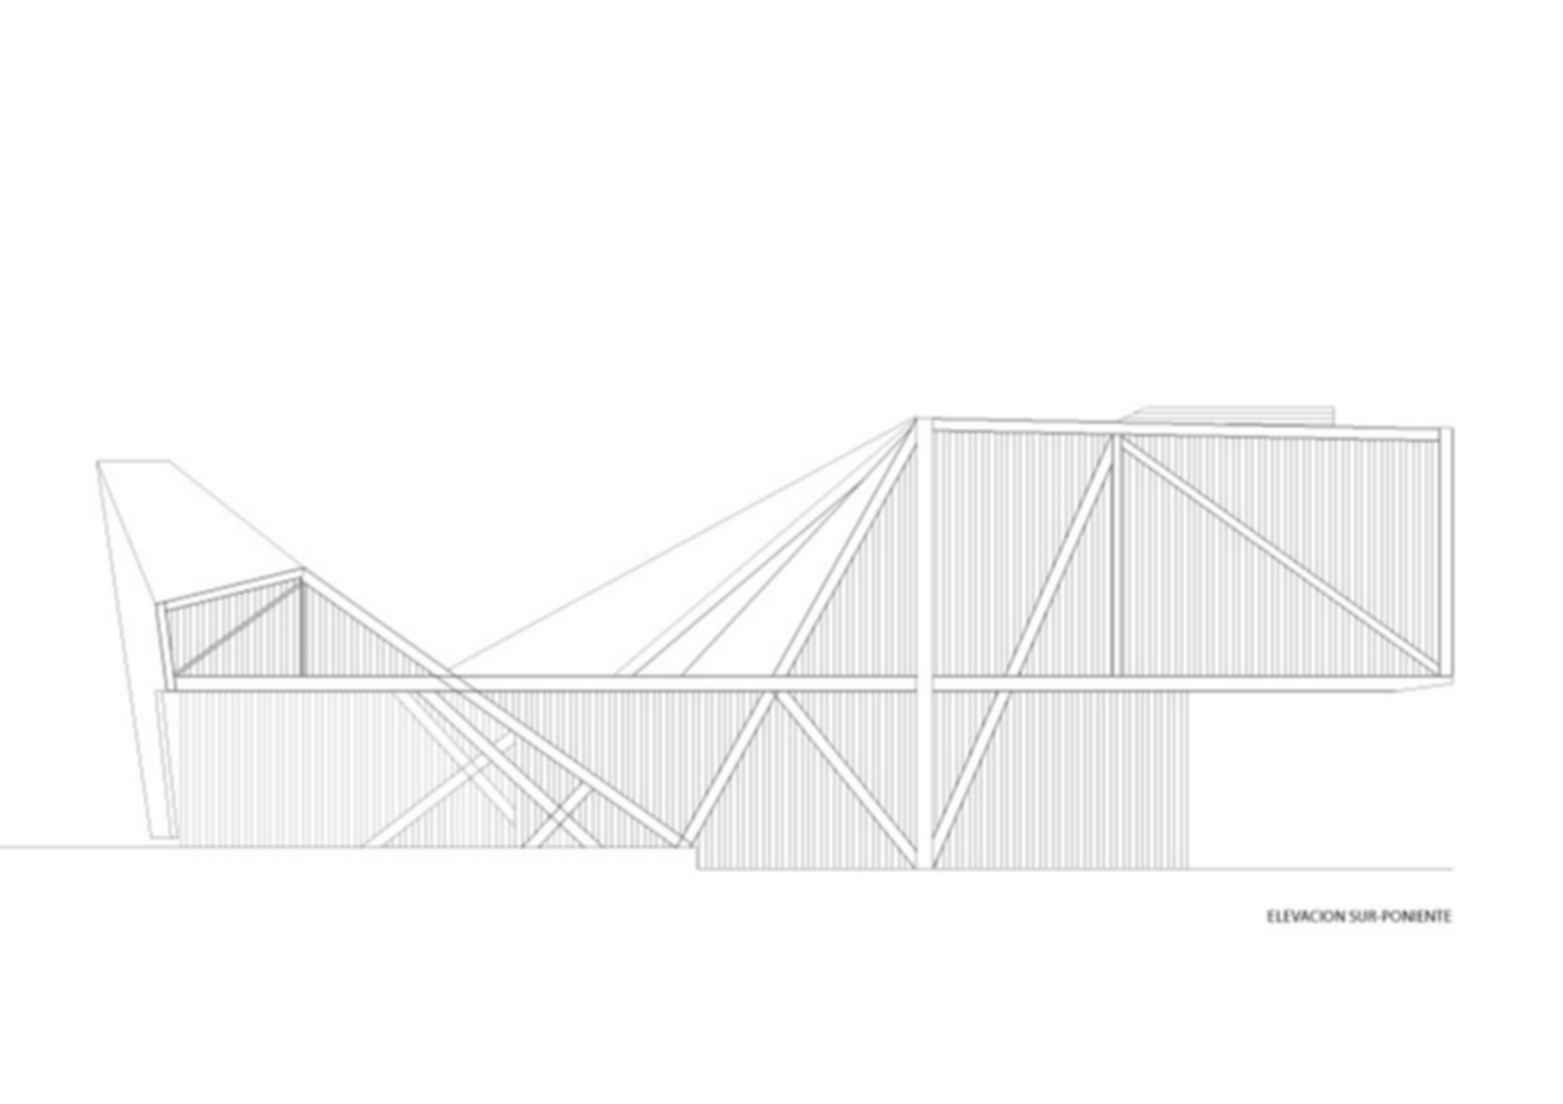 Casadetodos - Concept Design